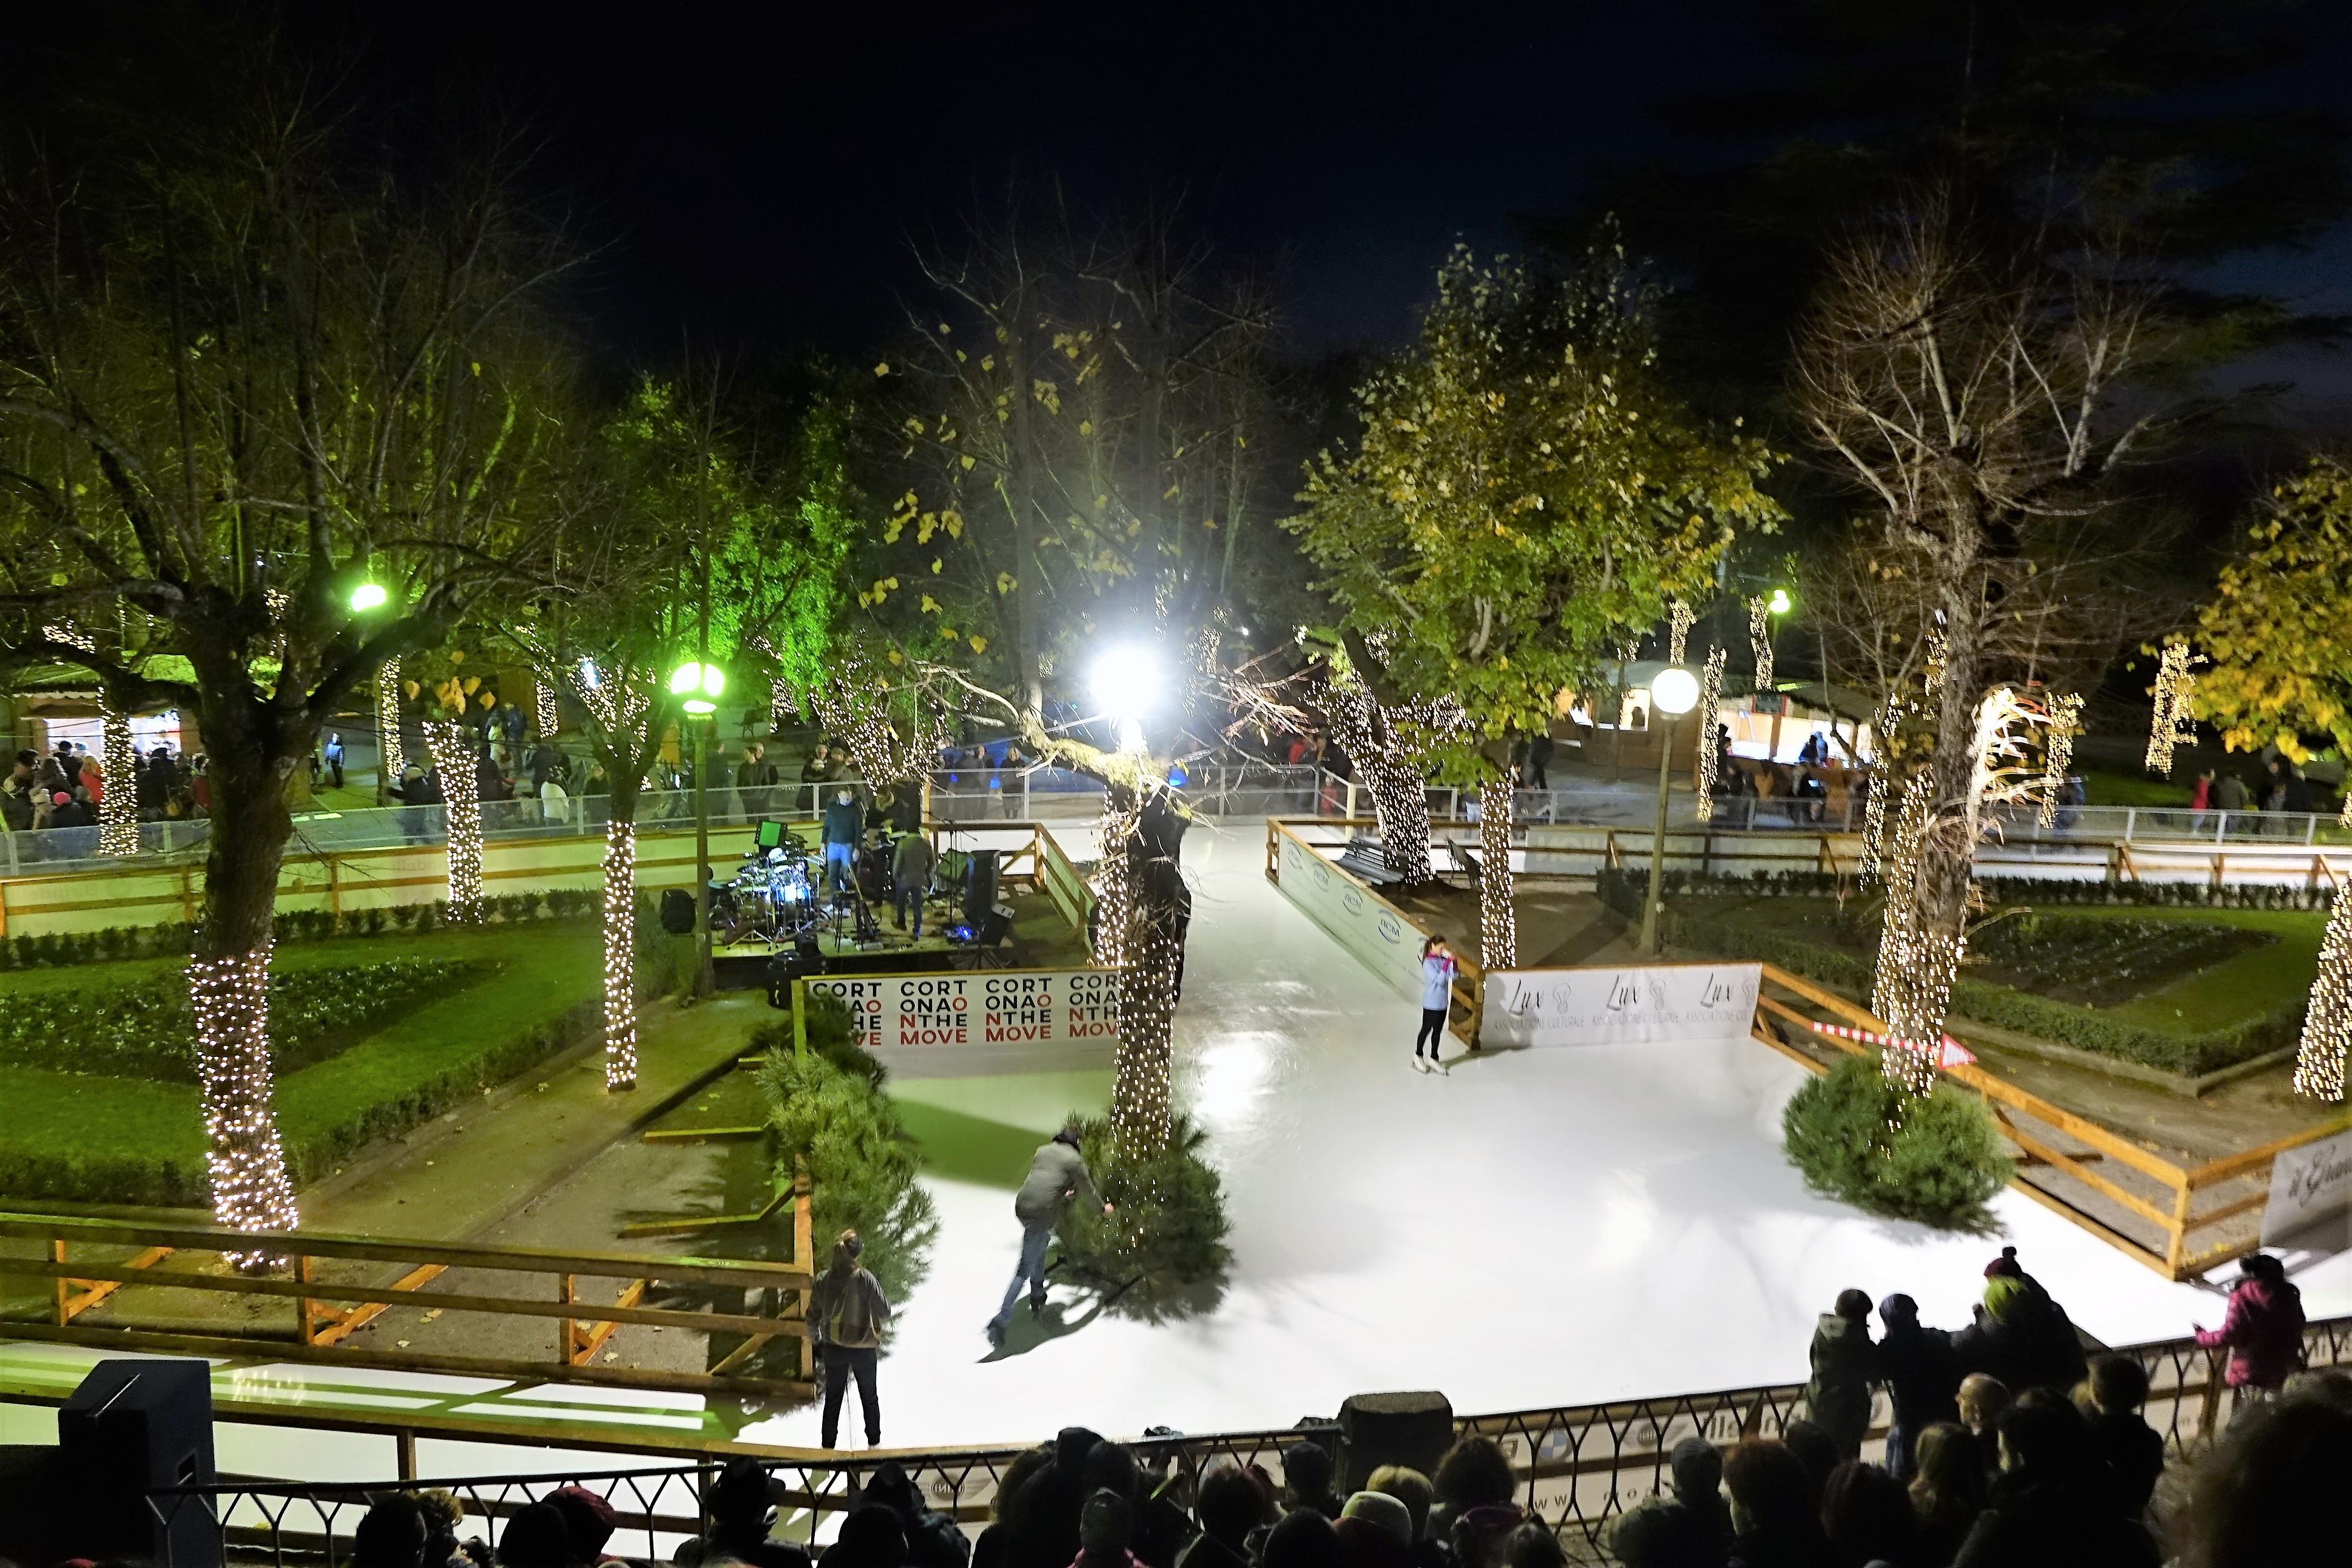 Un weekend di festa a Cortona: ecco gli eventi